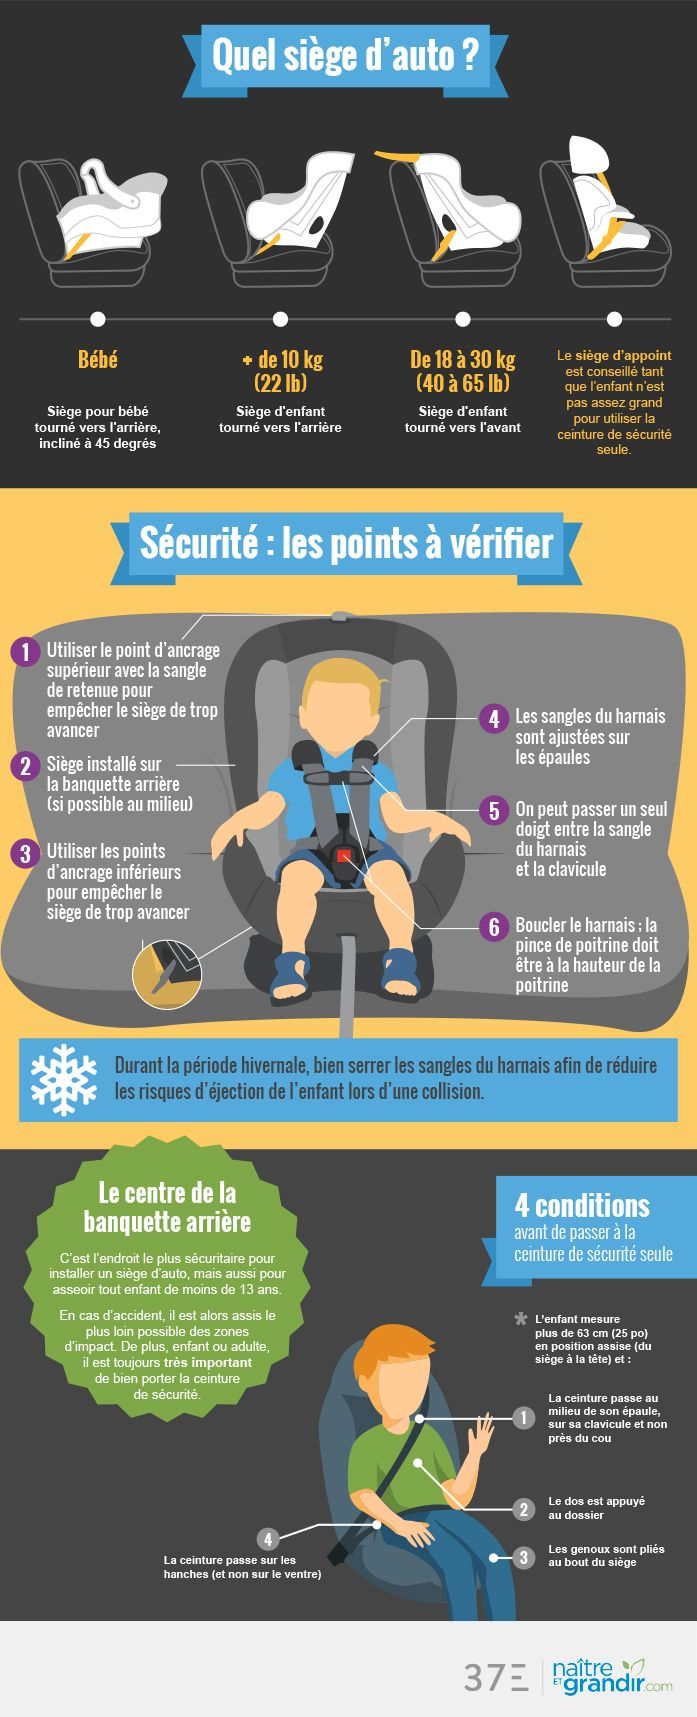 Votre siège d'auto est-il approprié à votre enfant? Son installation respecte-t-elle les normes?